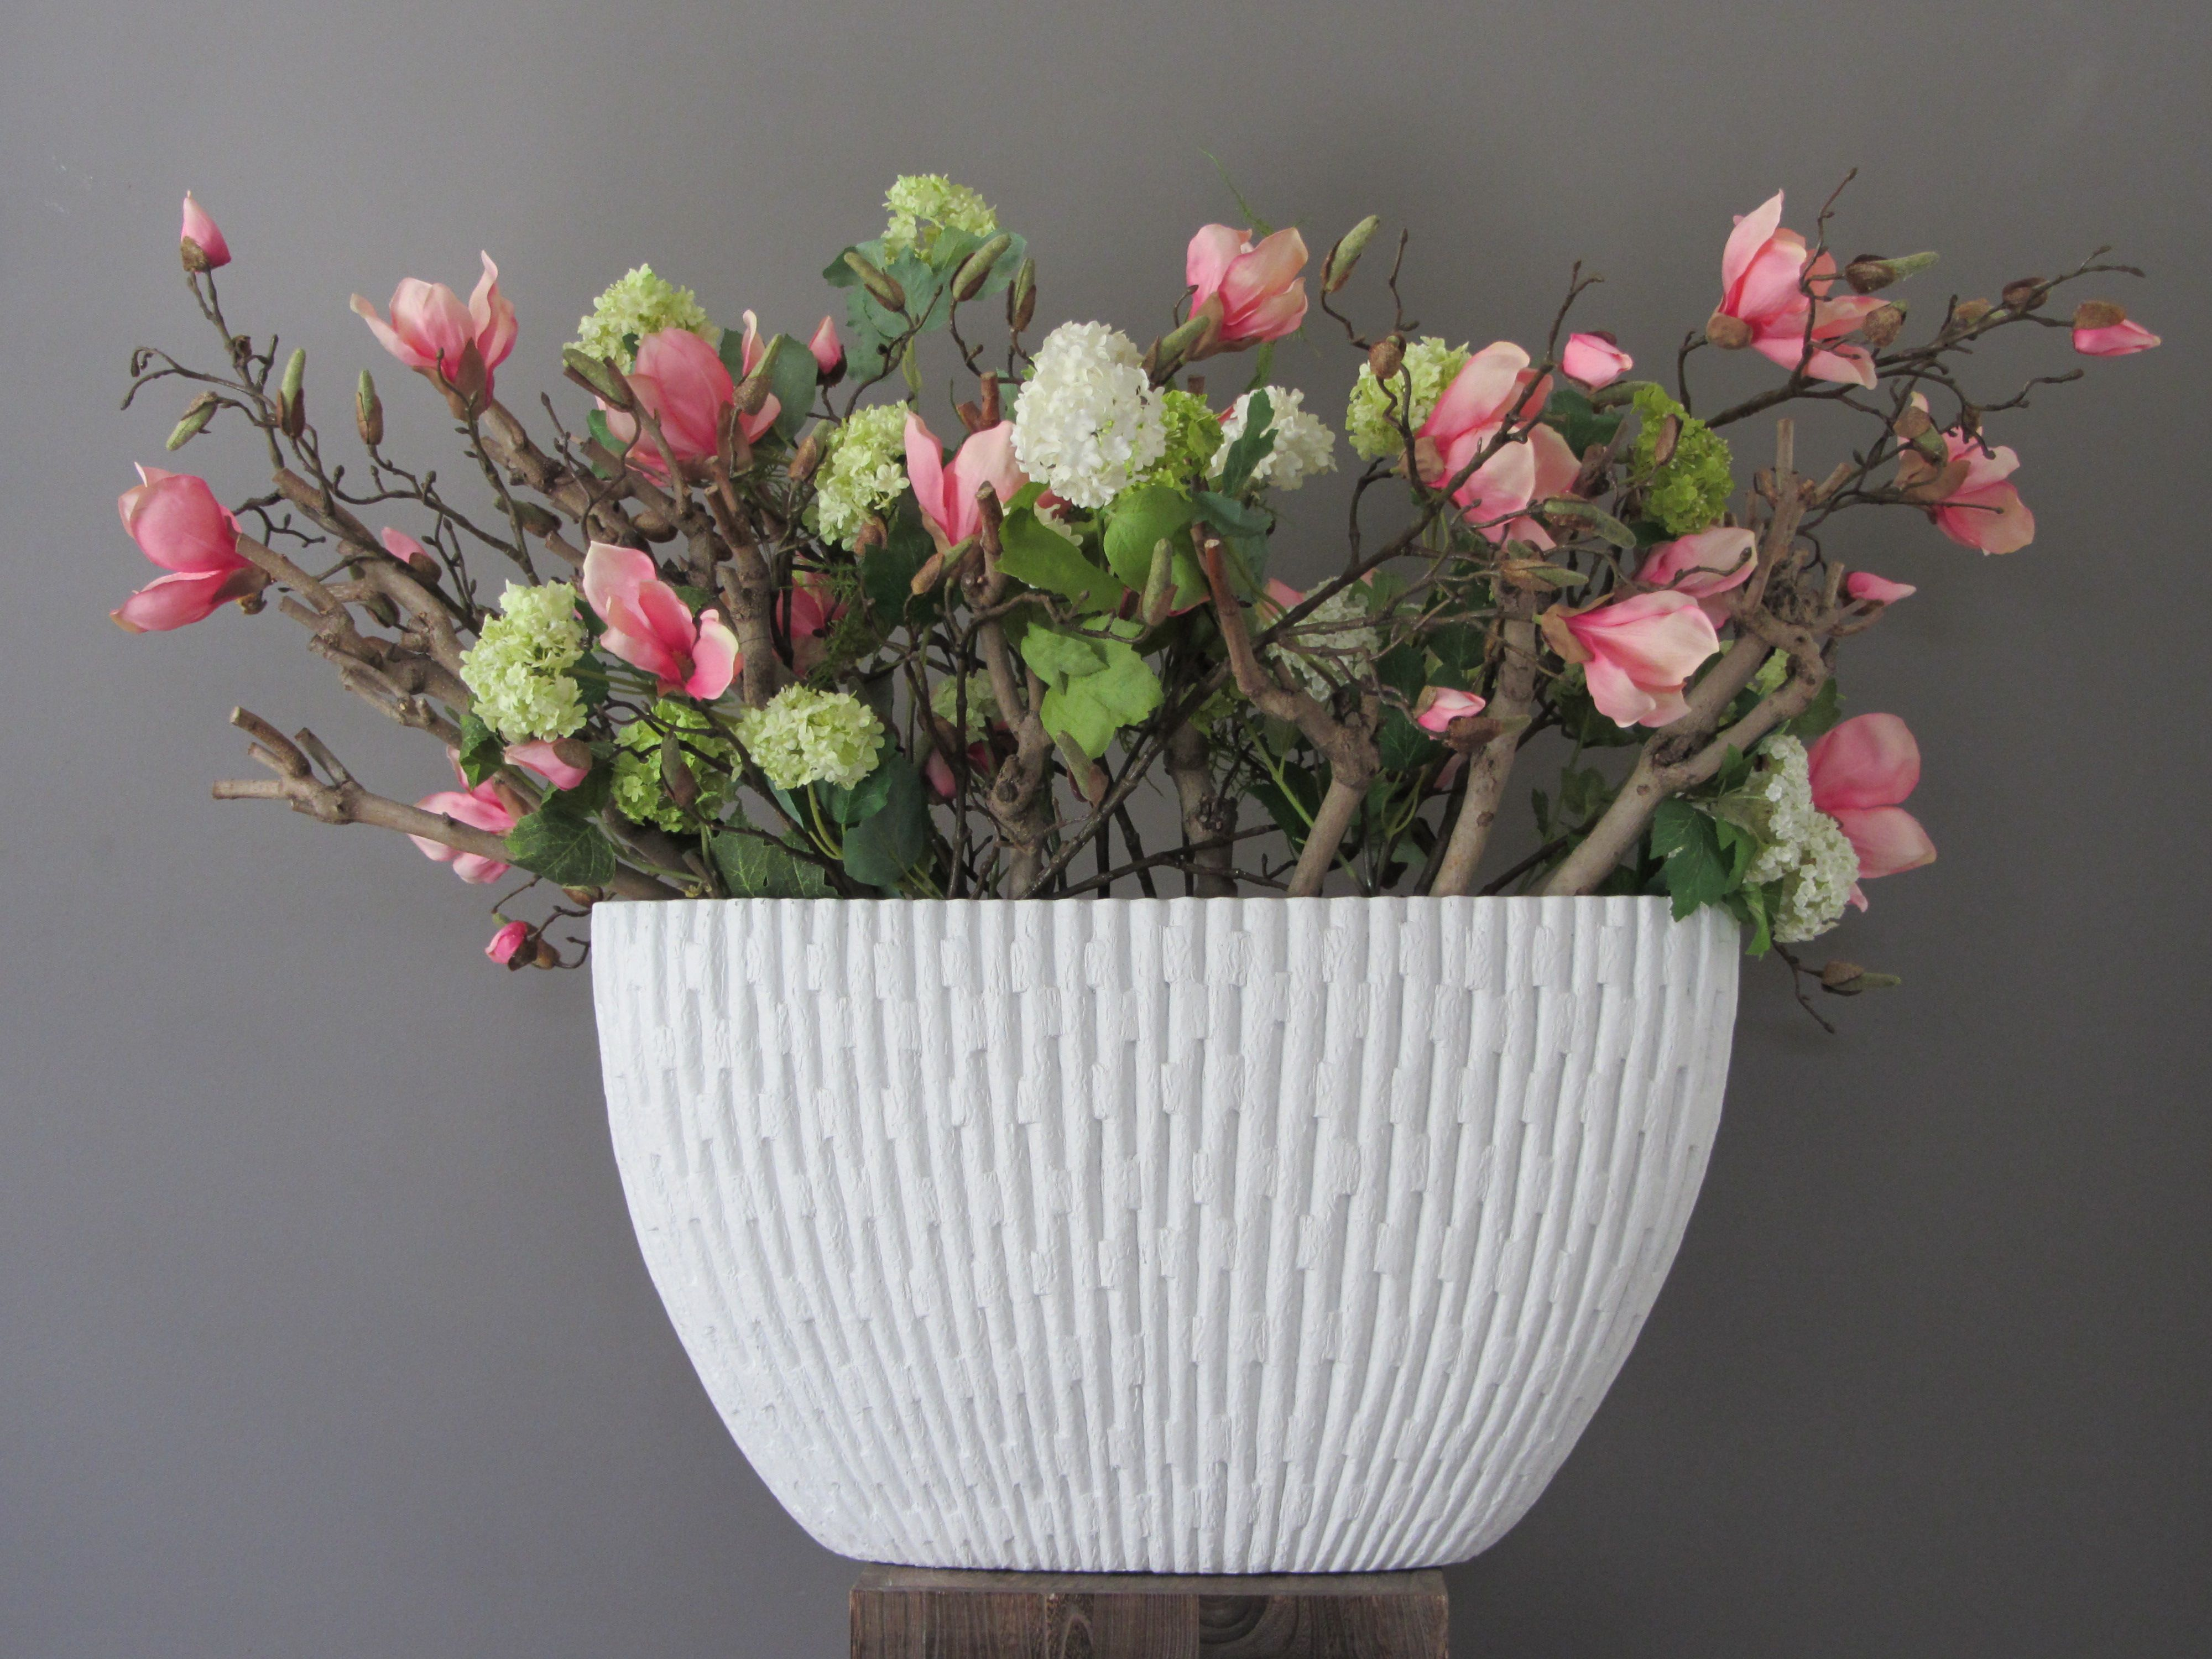 Een XL boot vaas gevuld met lange zijden lichtroze magnolia takken, zijden sneeuwballen en veel seringenhout. www.abonneefleur.nl